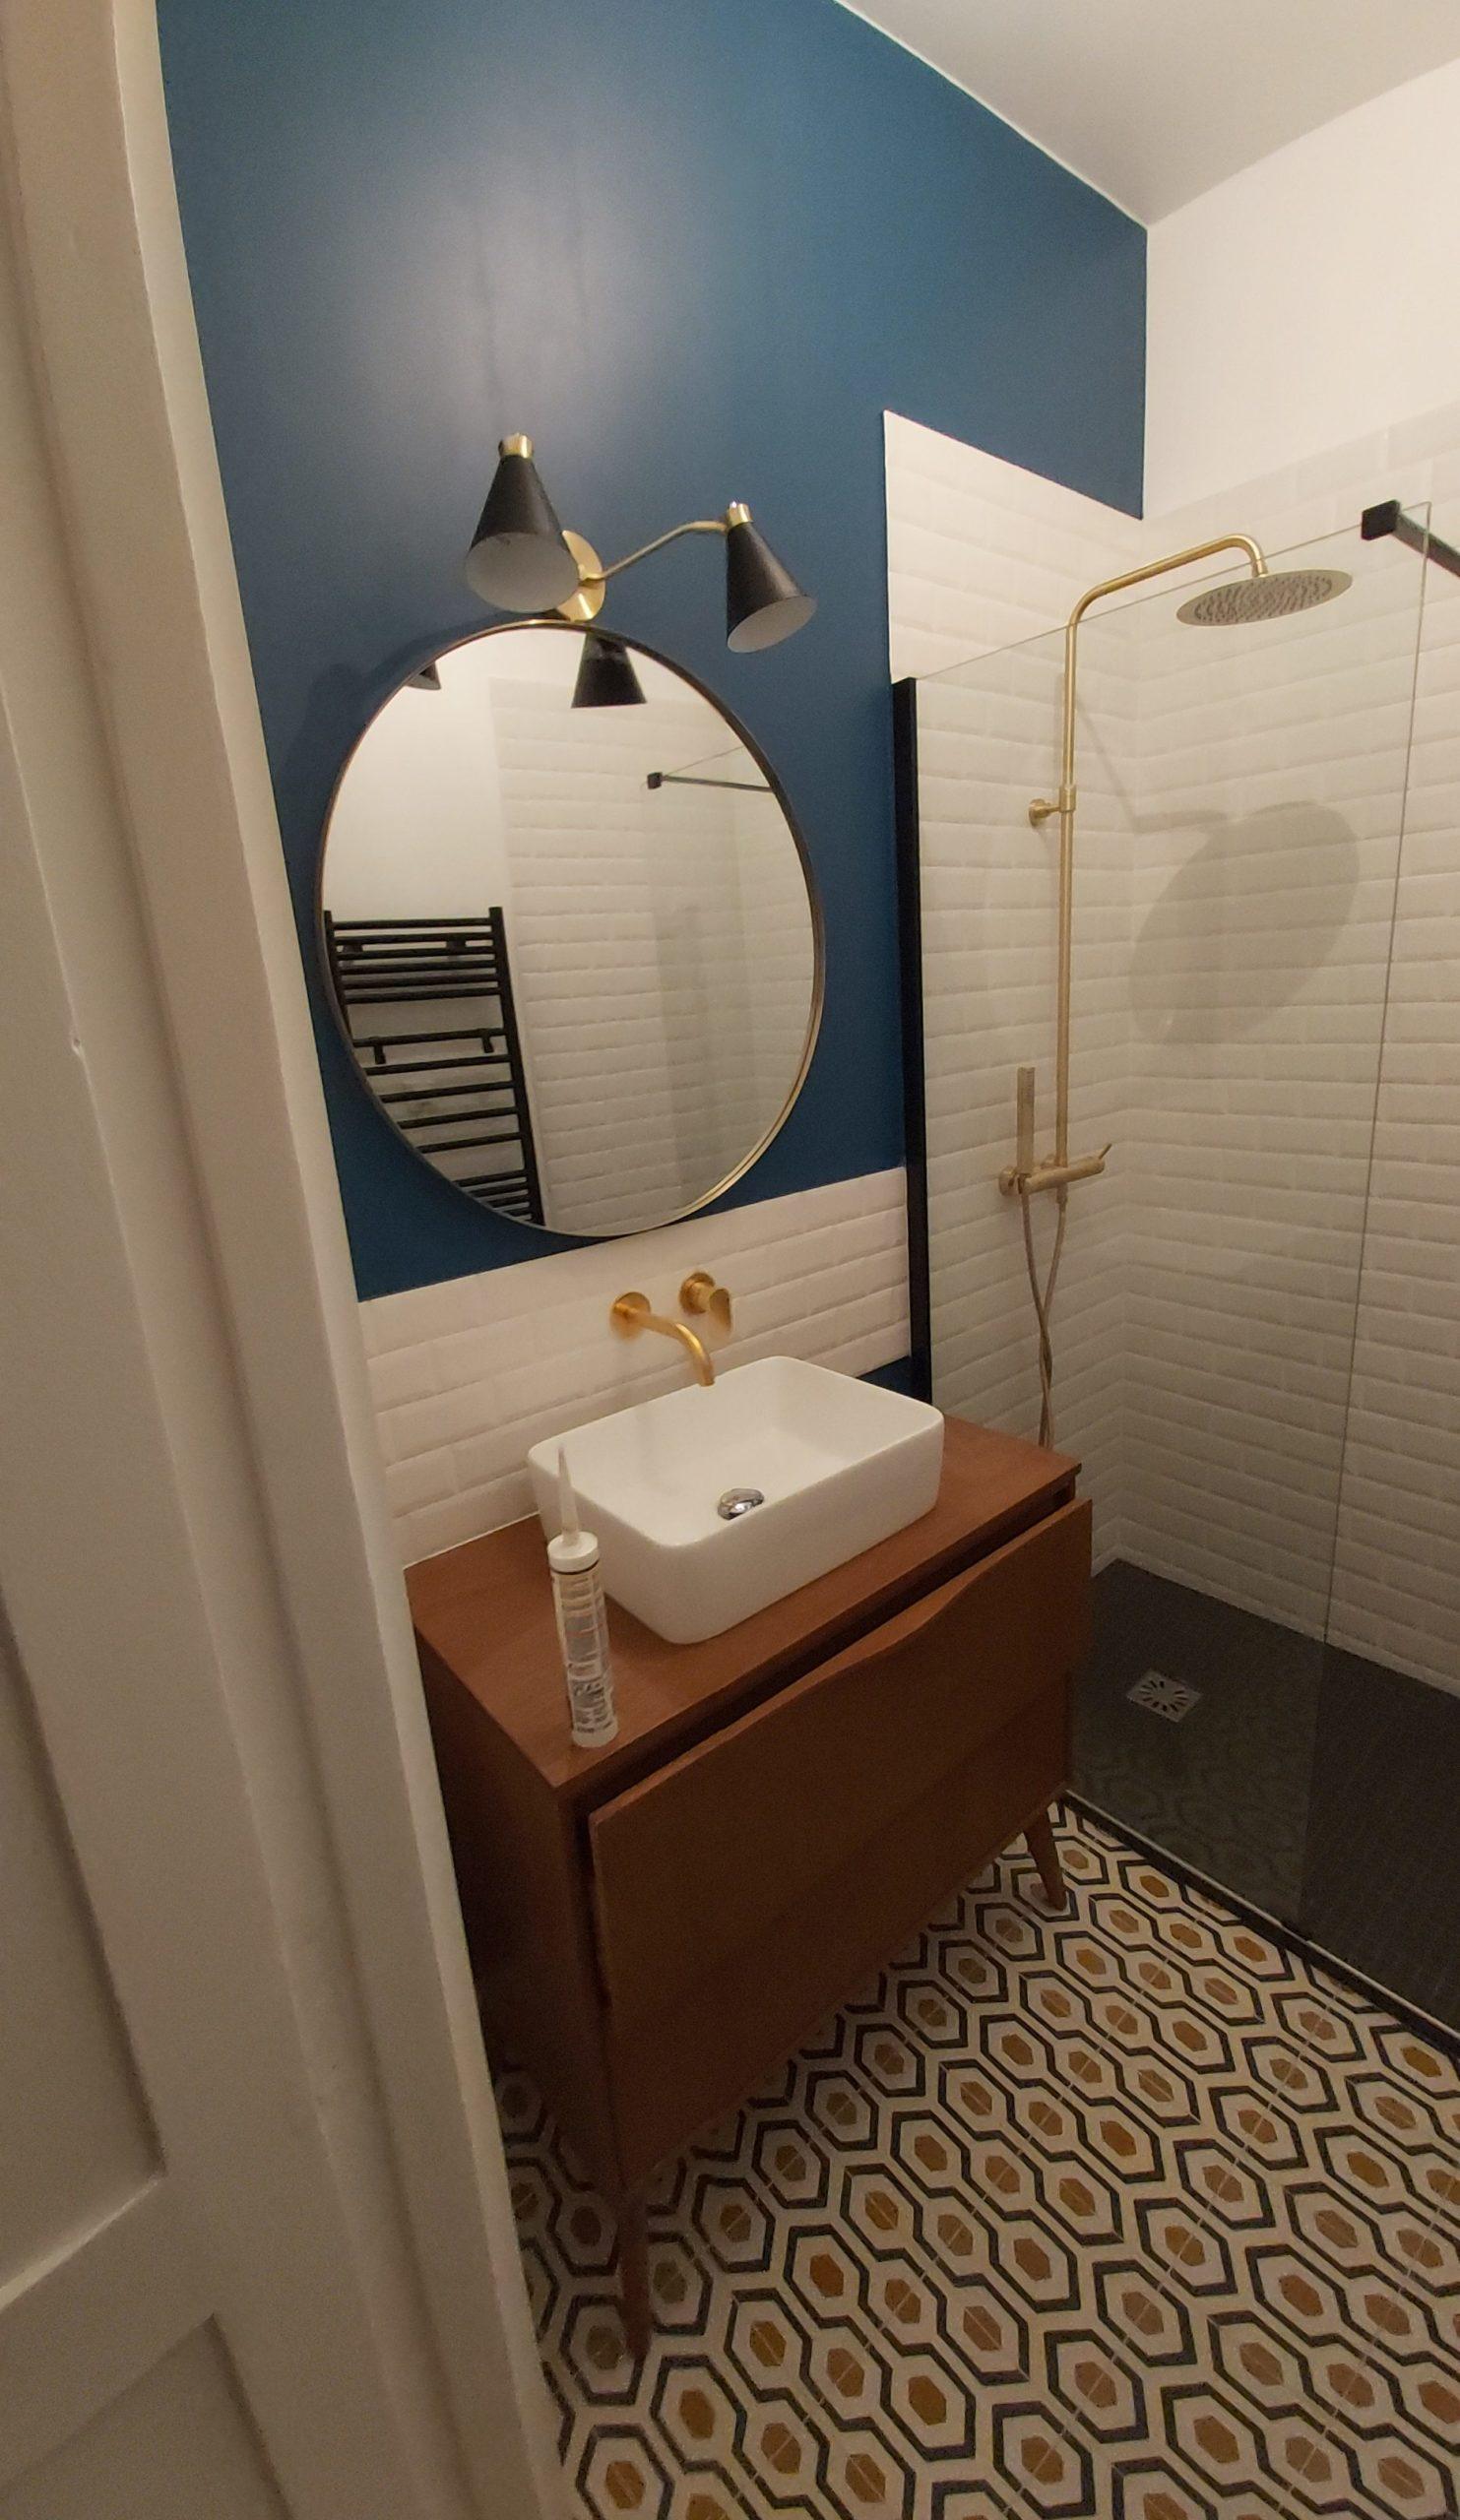 Magnifique salle de bains : carreaux de ciment au sol, faïence métro sur les murs, mobilier style Versailles, appartement quartier République Paris